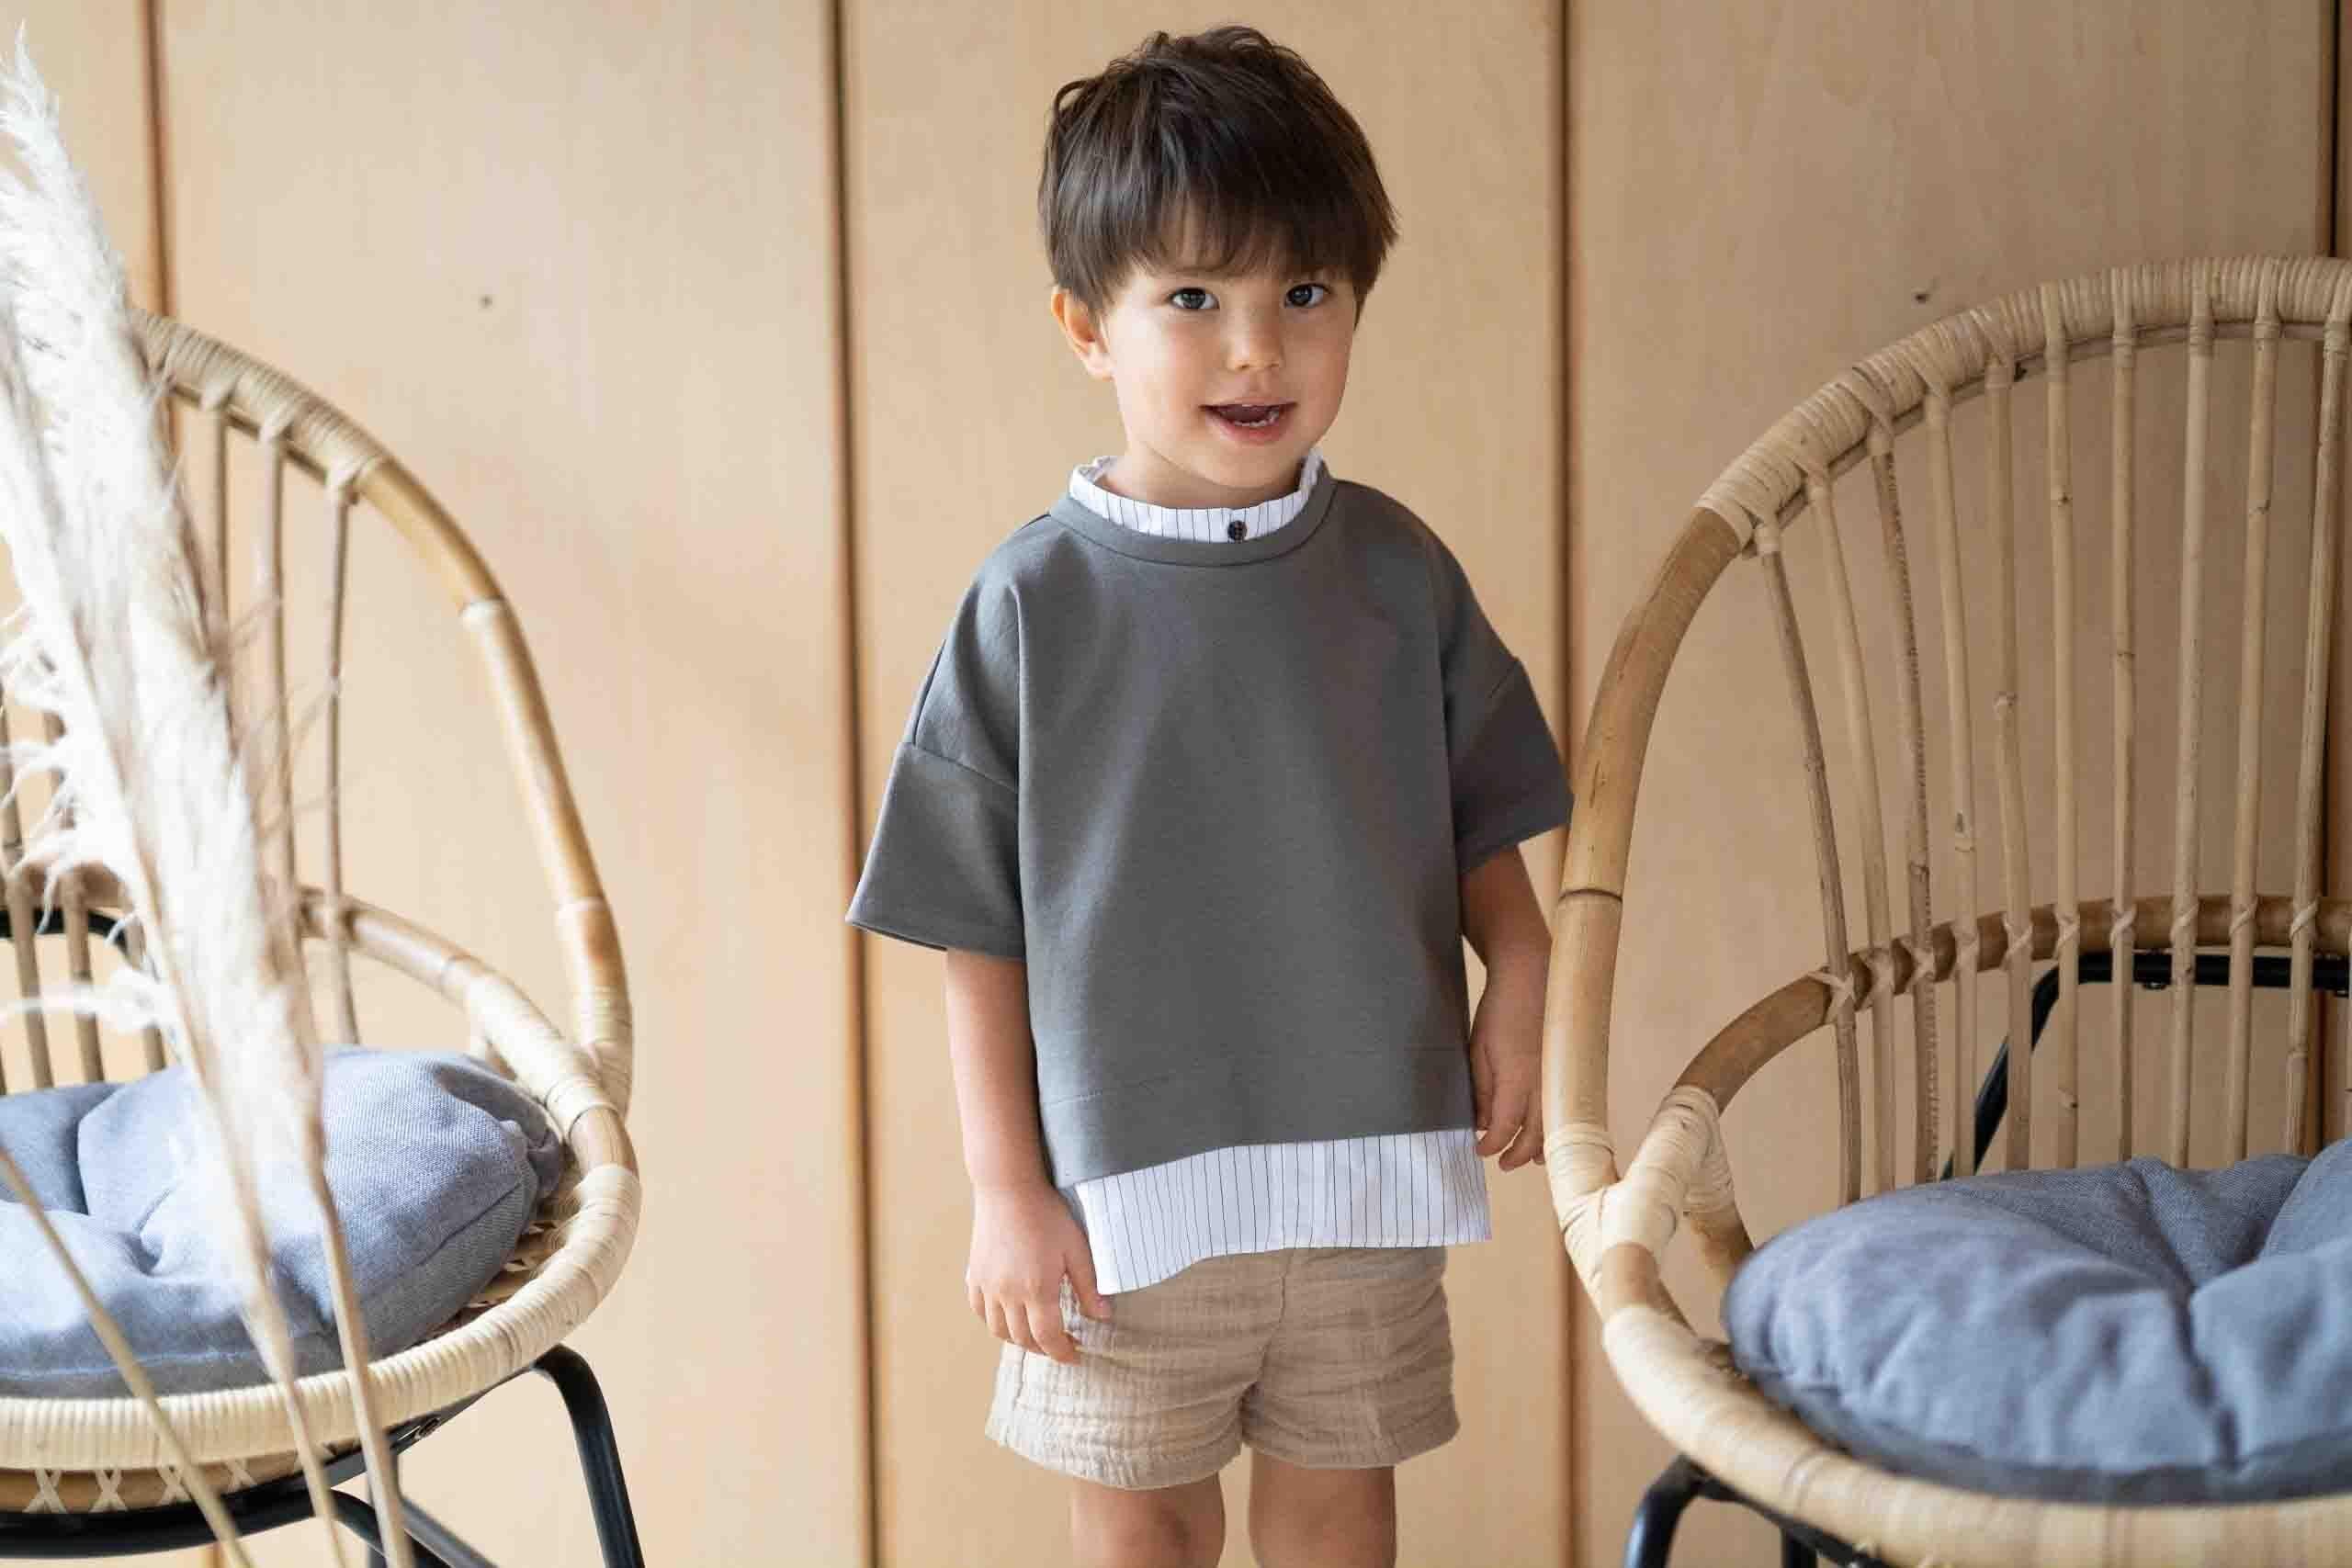 デザインコラボグレーTシャツ+ショートパンツセット